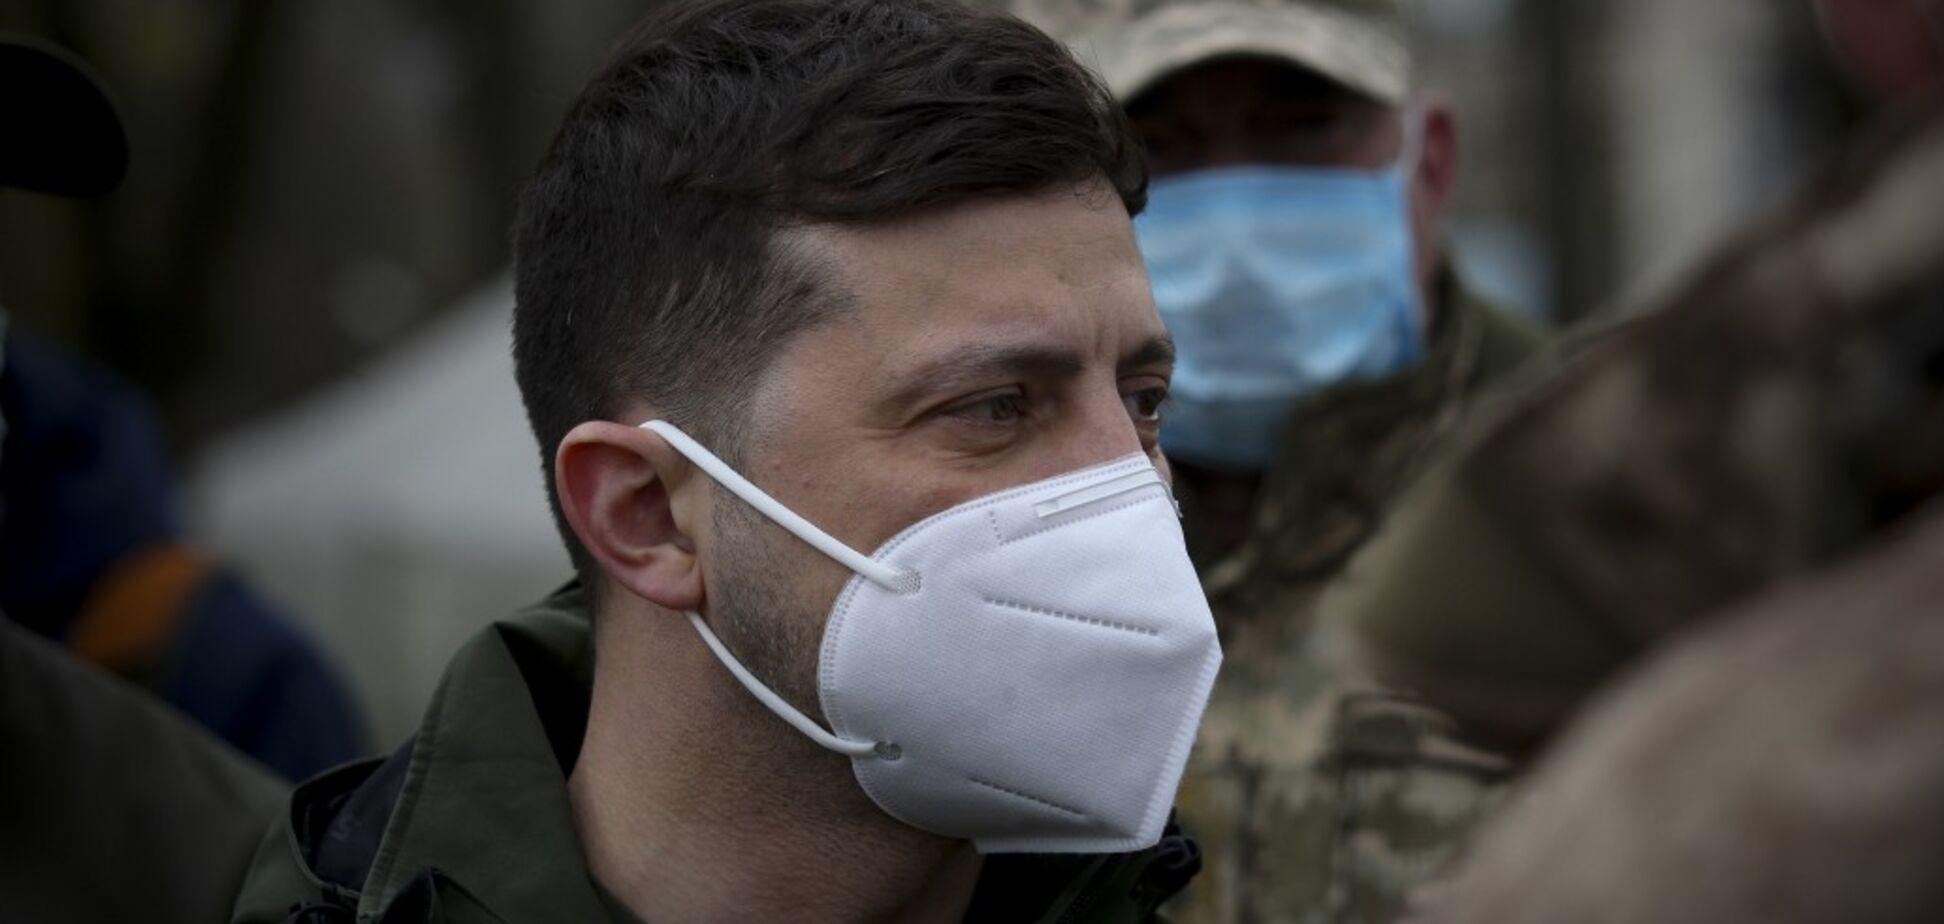 Зеленский рассказал об обмене пленными с террористами 'ДНР' и 'ЛНР'